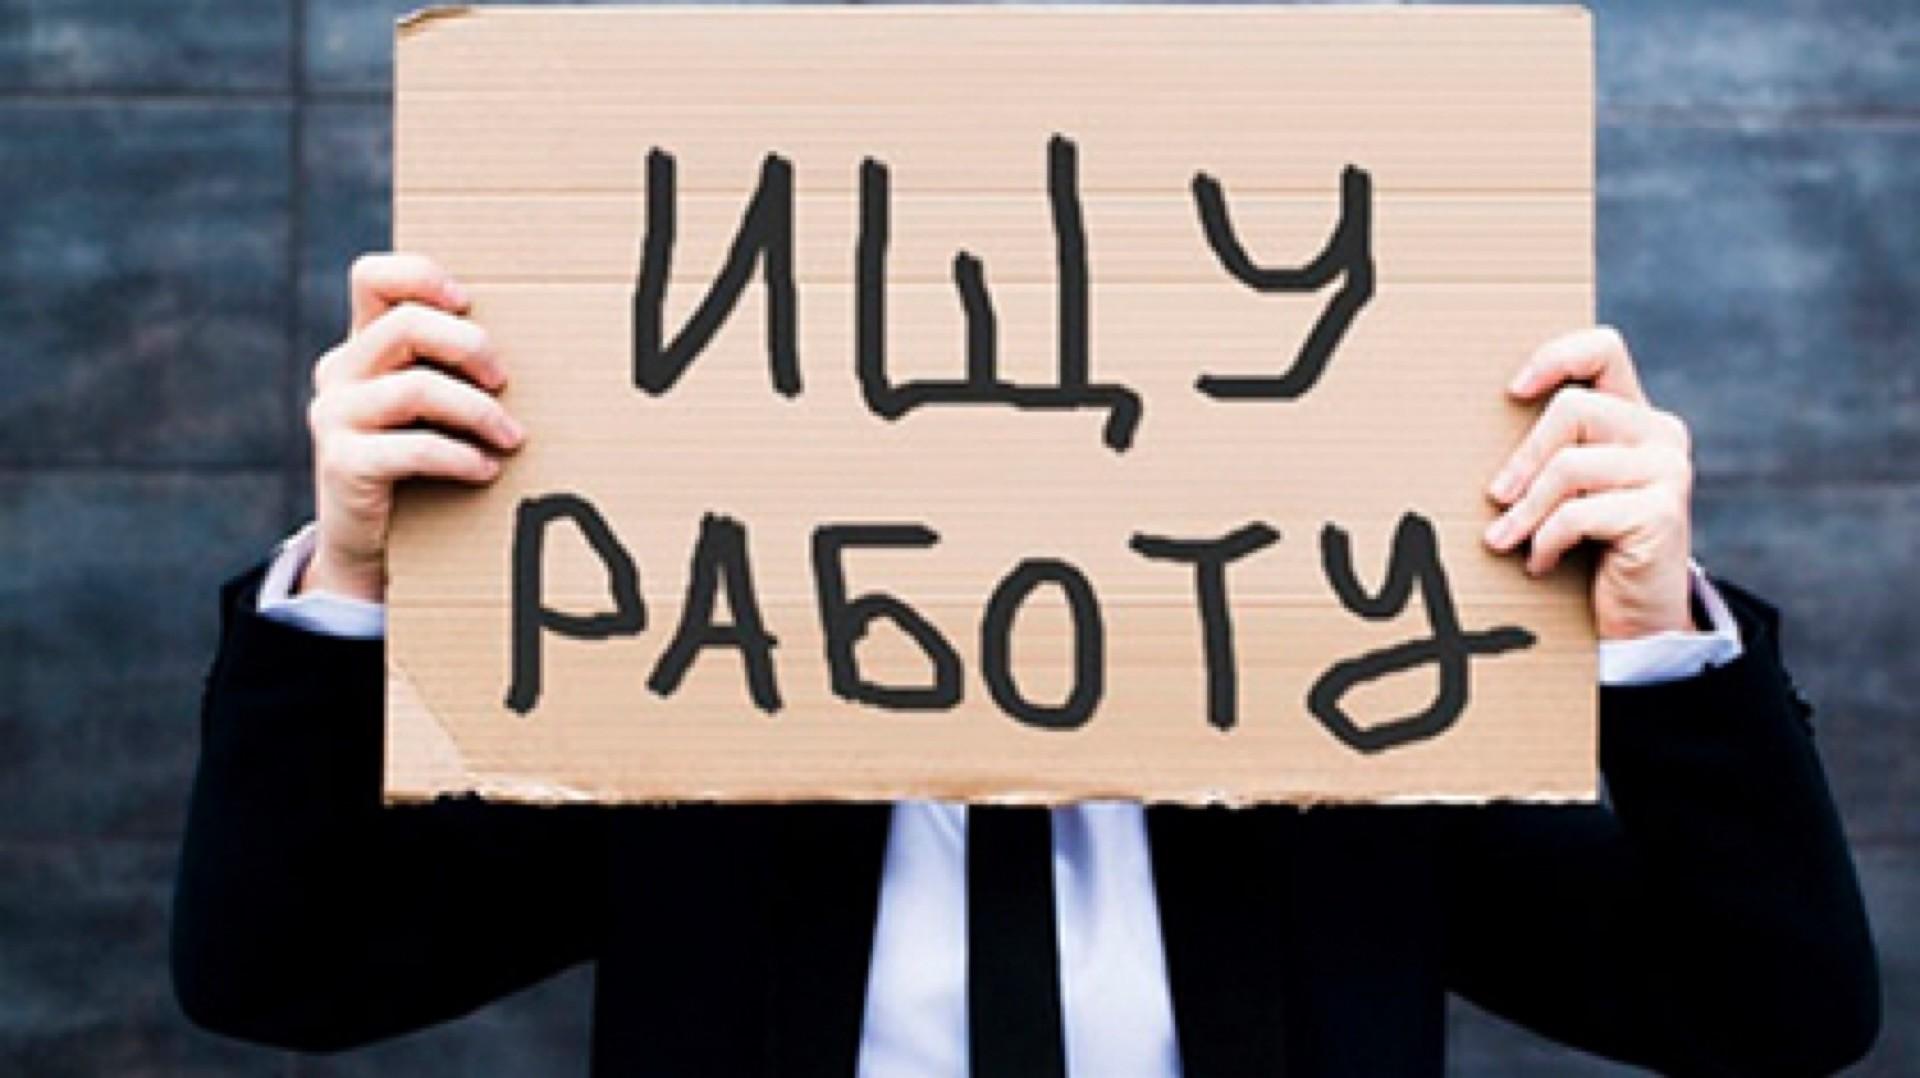 Безработица среди молодёжи. Почему?